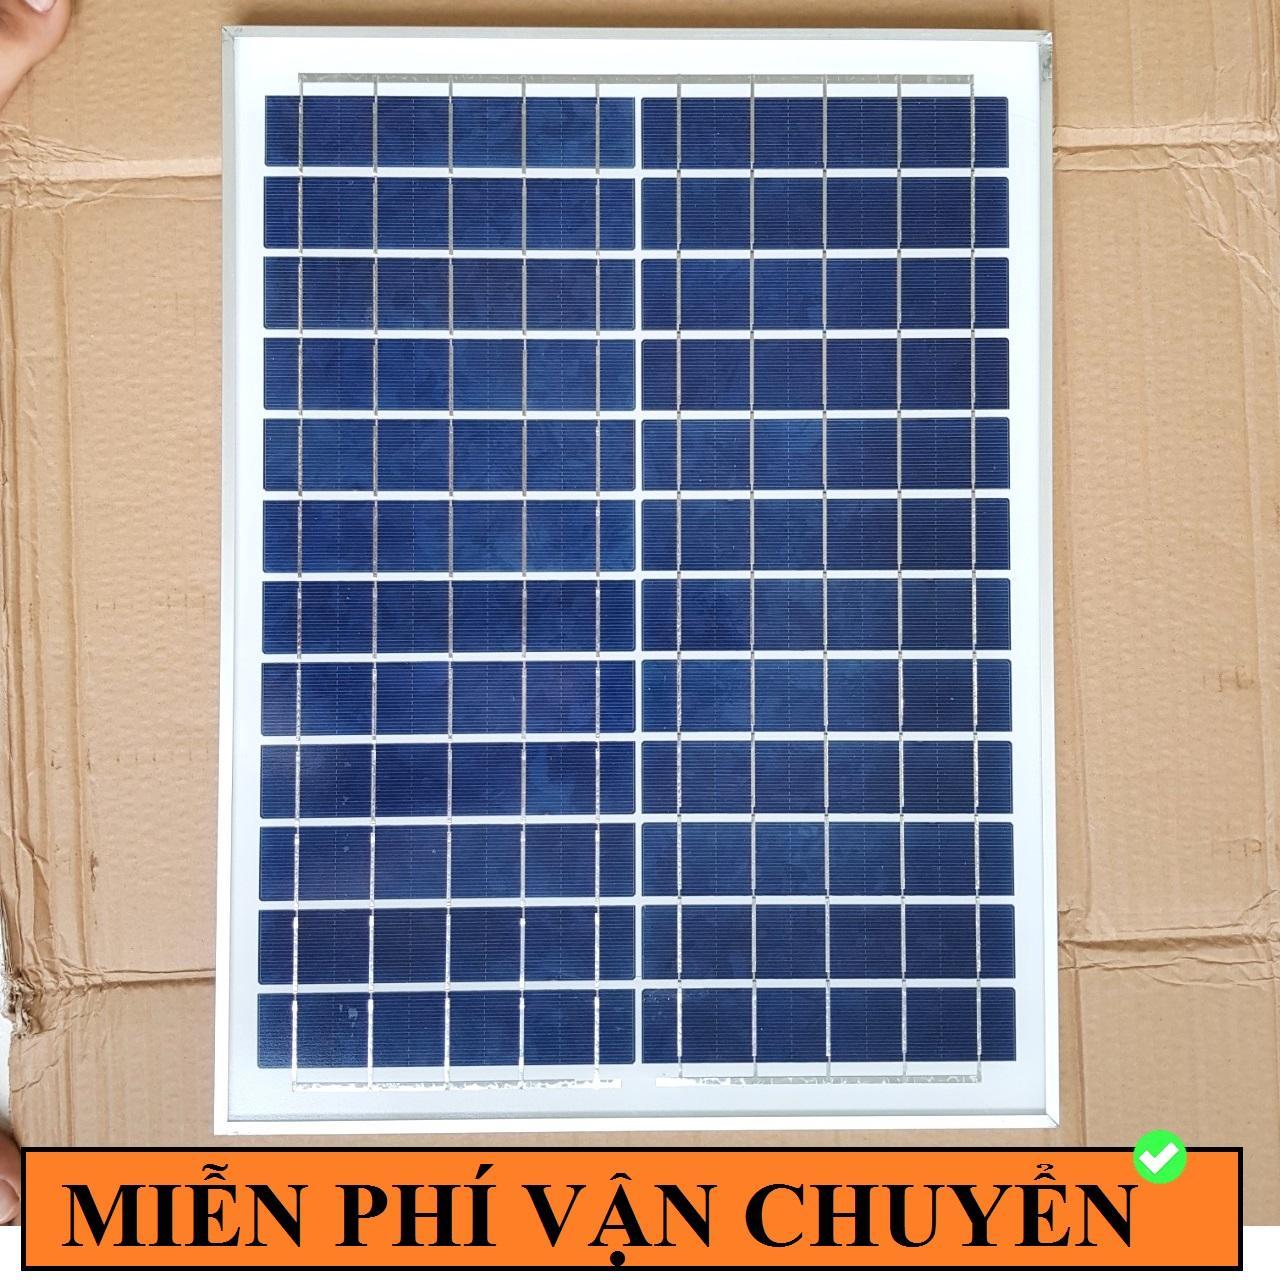 Tấm Pin Năng Lượng Mặt Trời 12V 20W (Khung Nhôm)